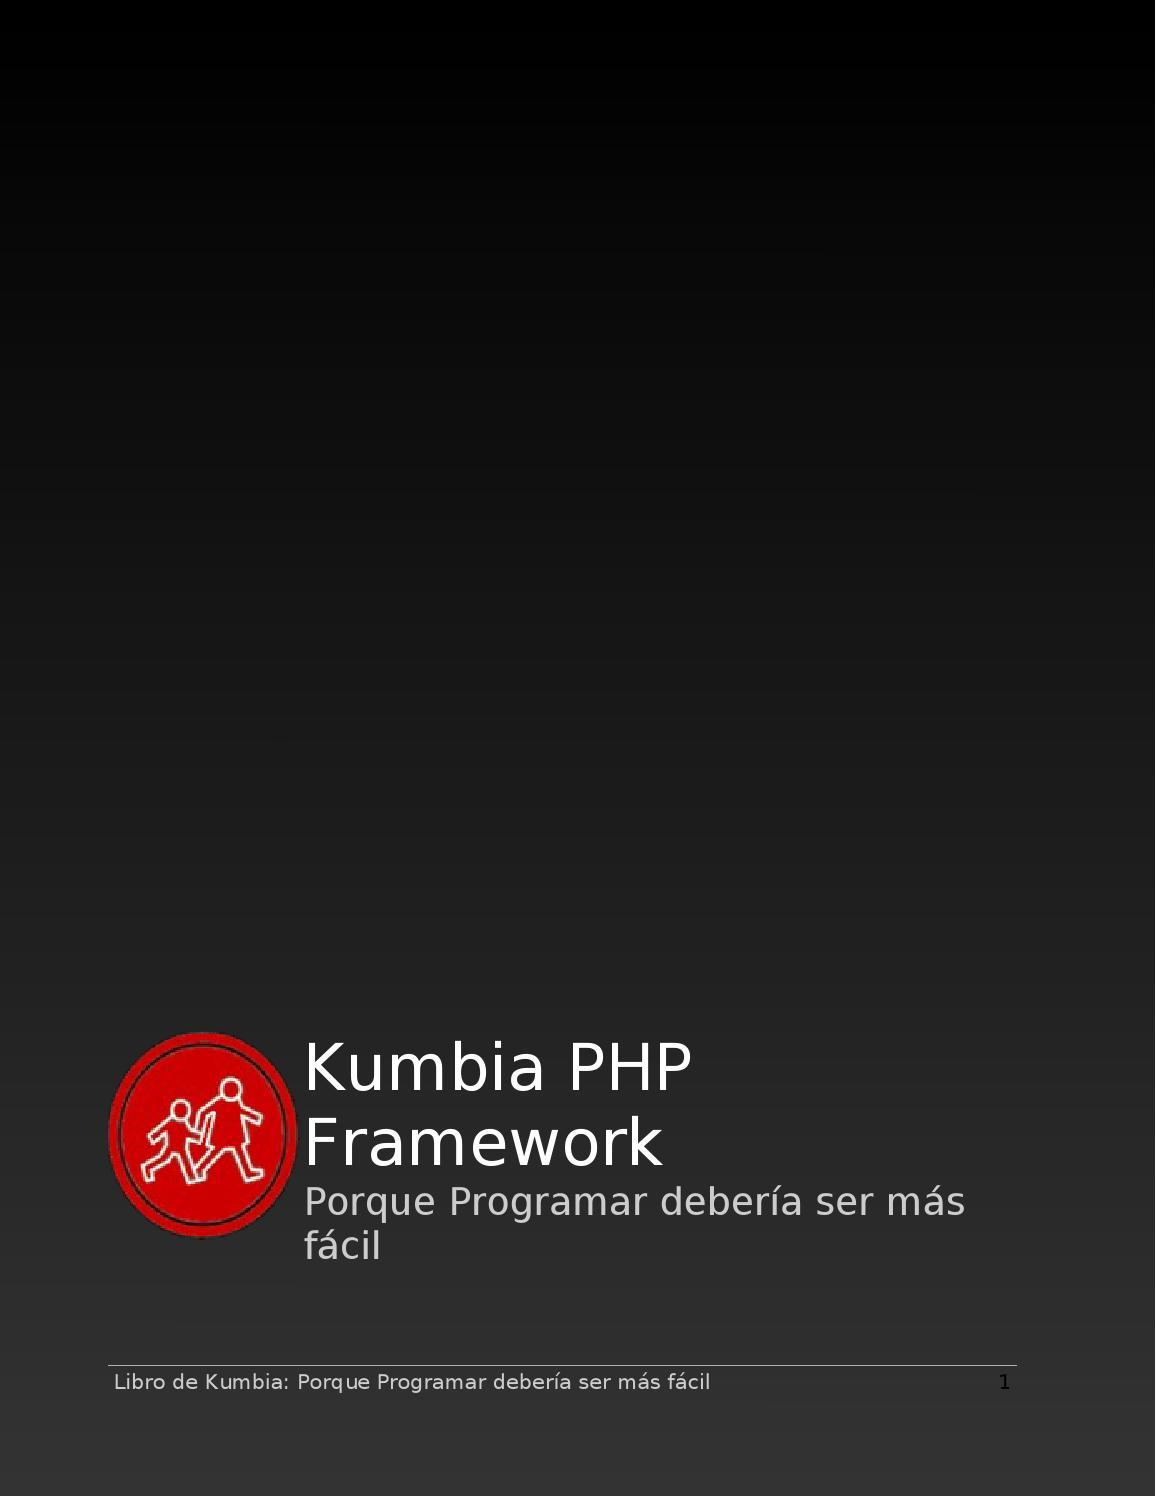 Manual kumbia php framework v0 5 by Eber - issuu